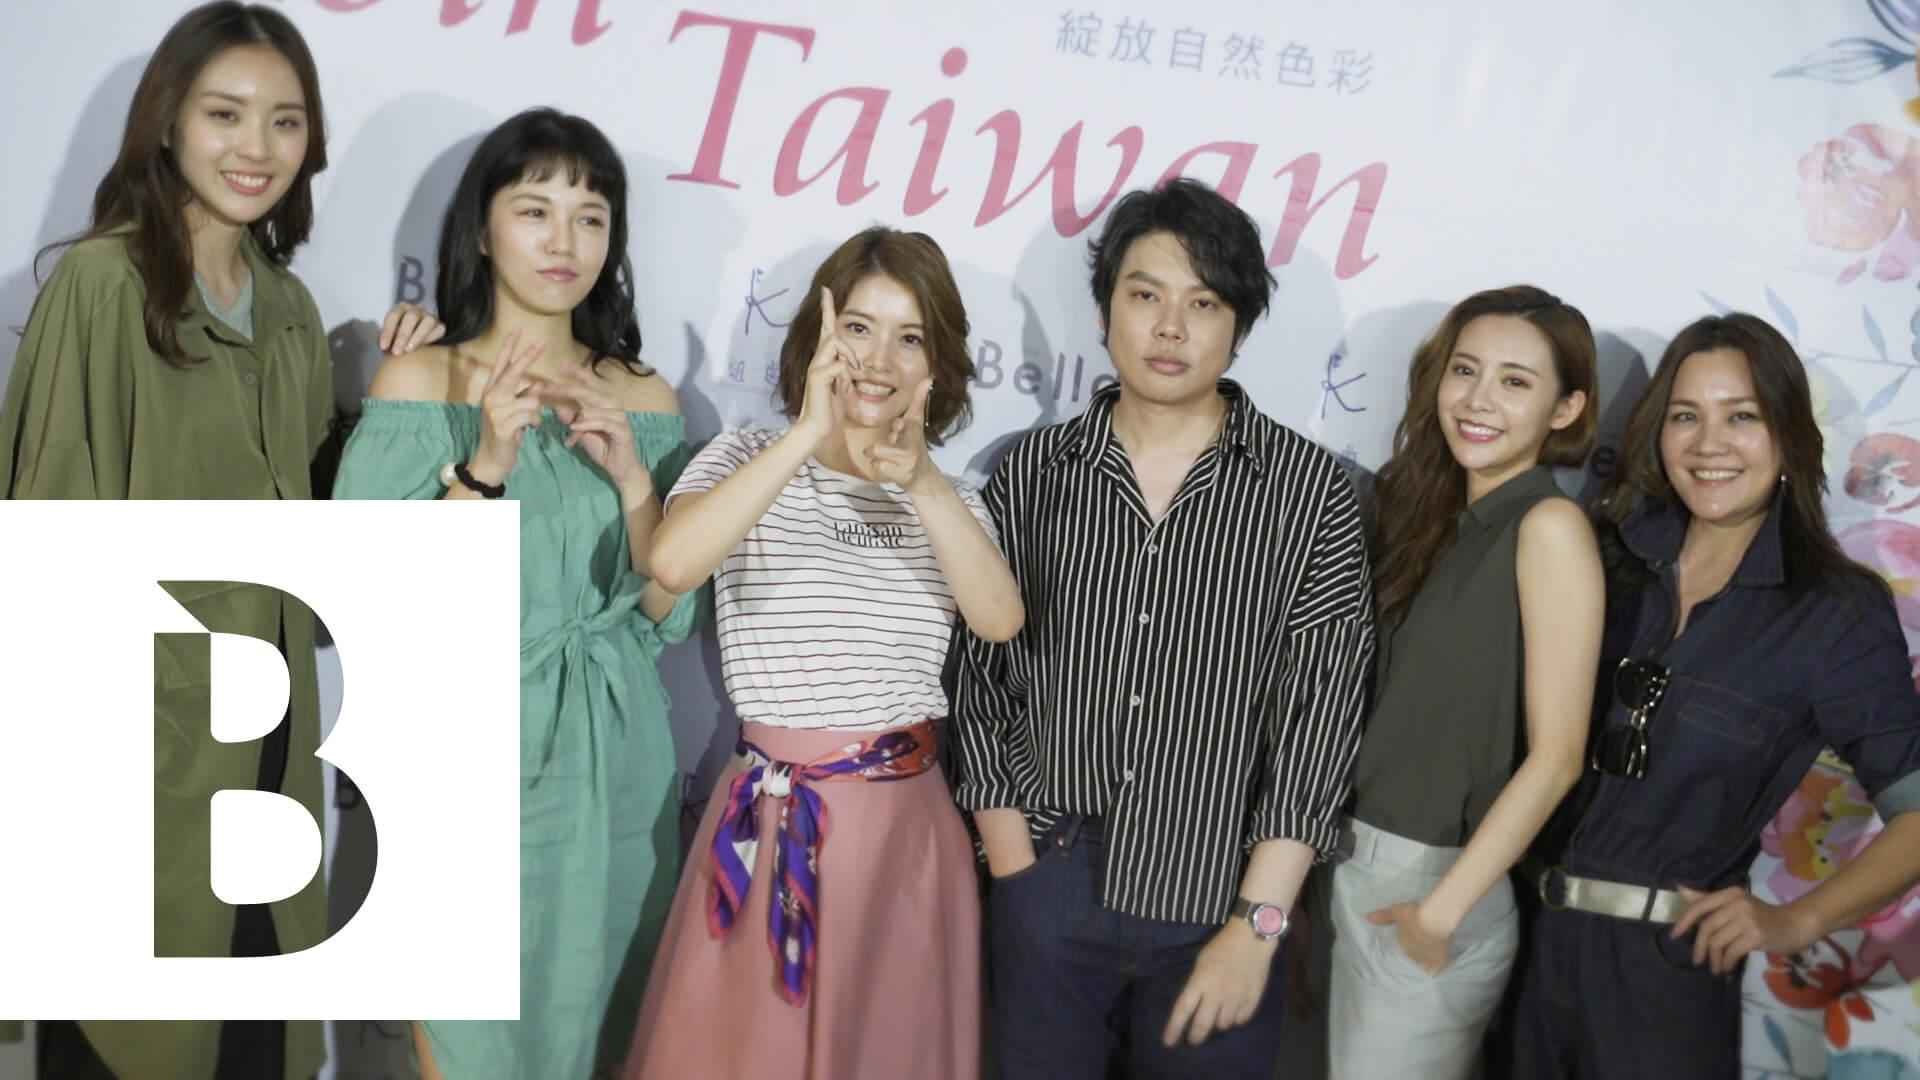 組曲KUMIKYOKU 十週年VIP活動花絮影音| Bella Taiwan